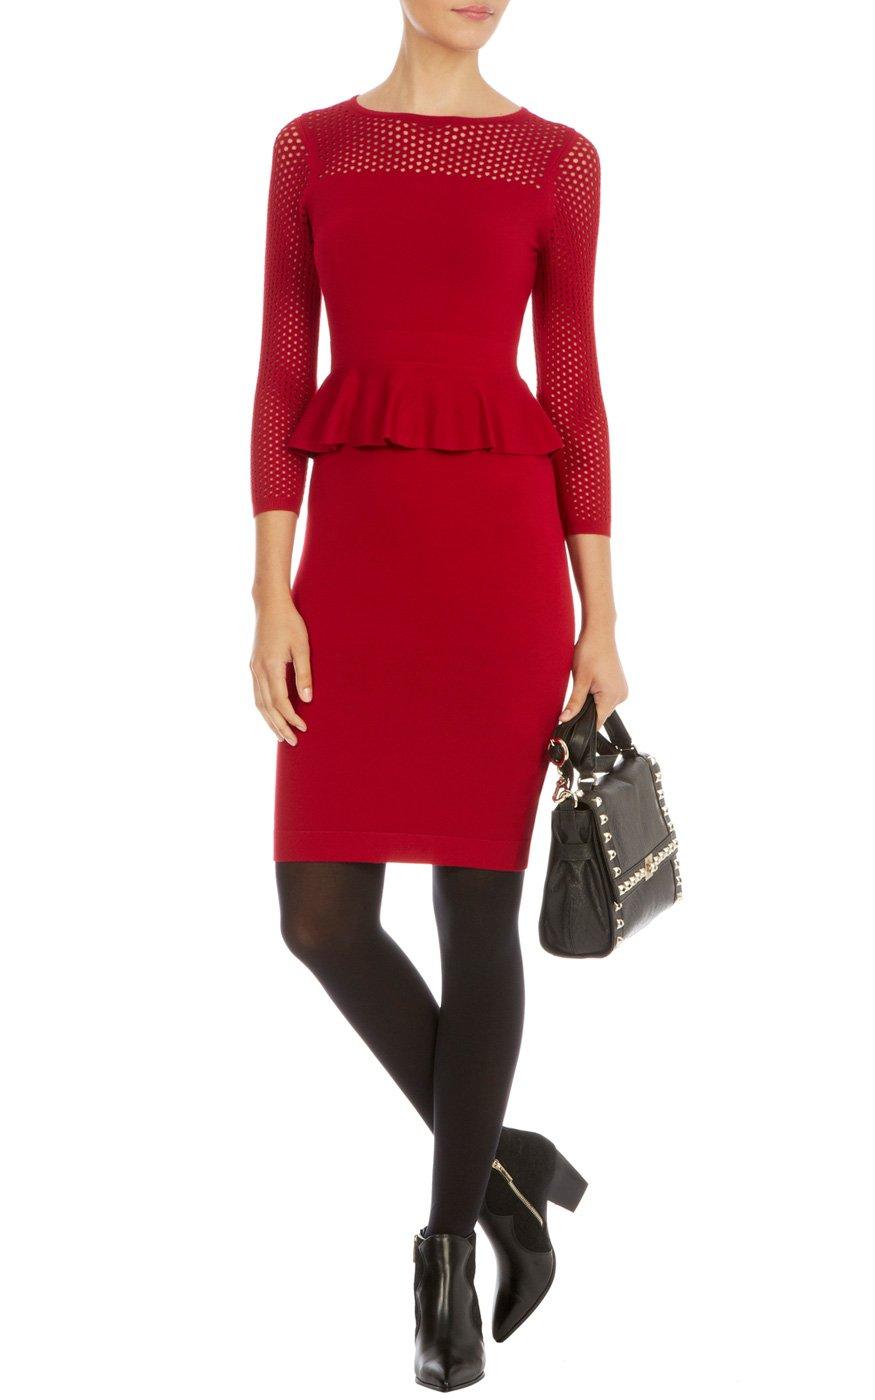 Lyst Karen Millen Peplum Mesh Knit Dress In Red